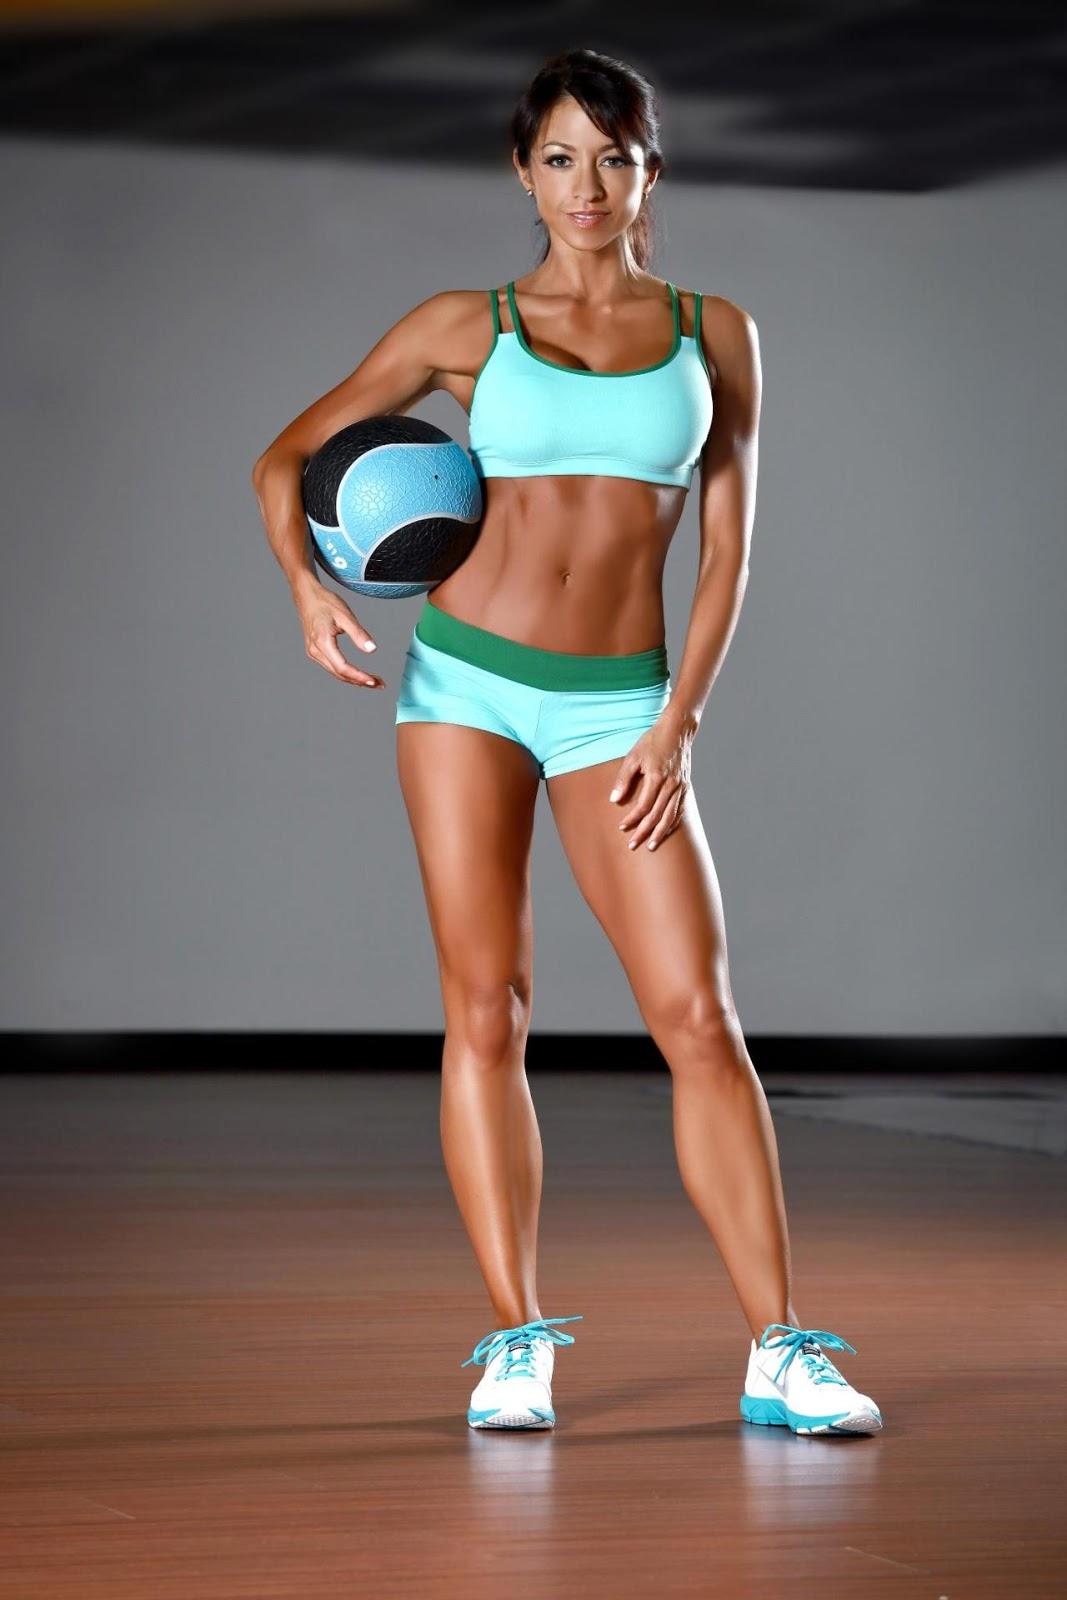 Fitness Women Calves Women Legs Calves Muscle